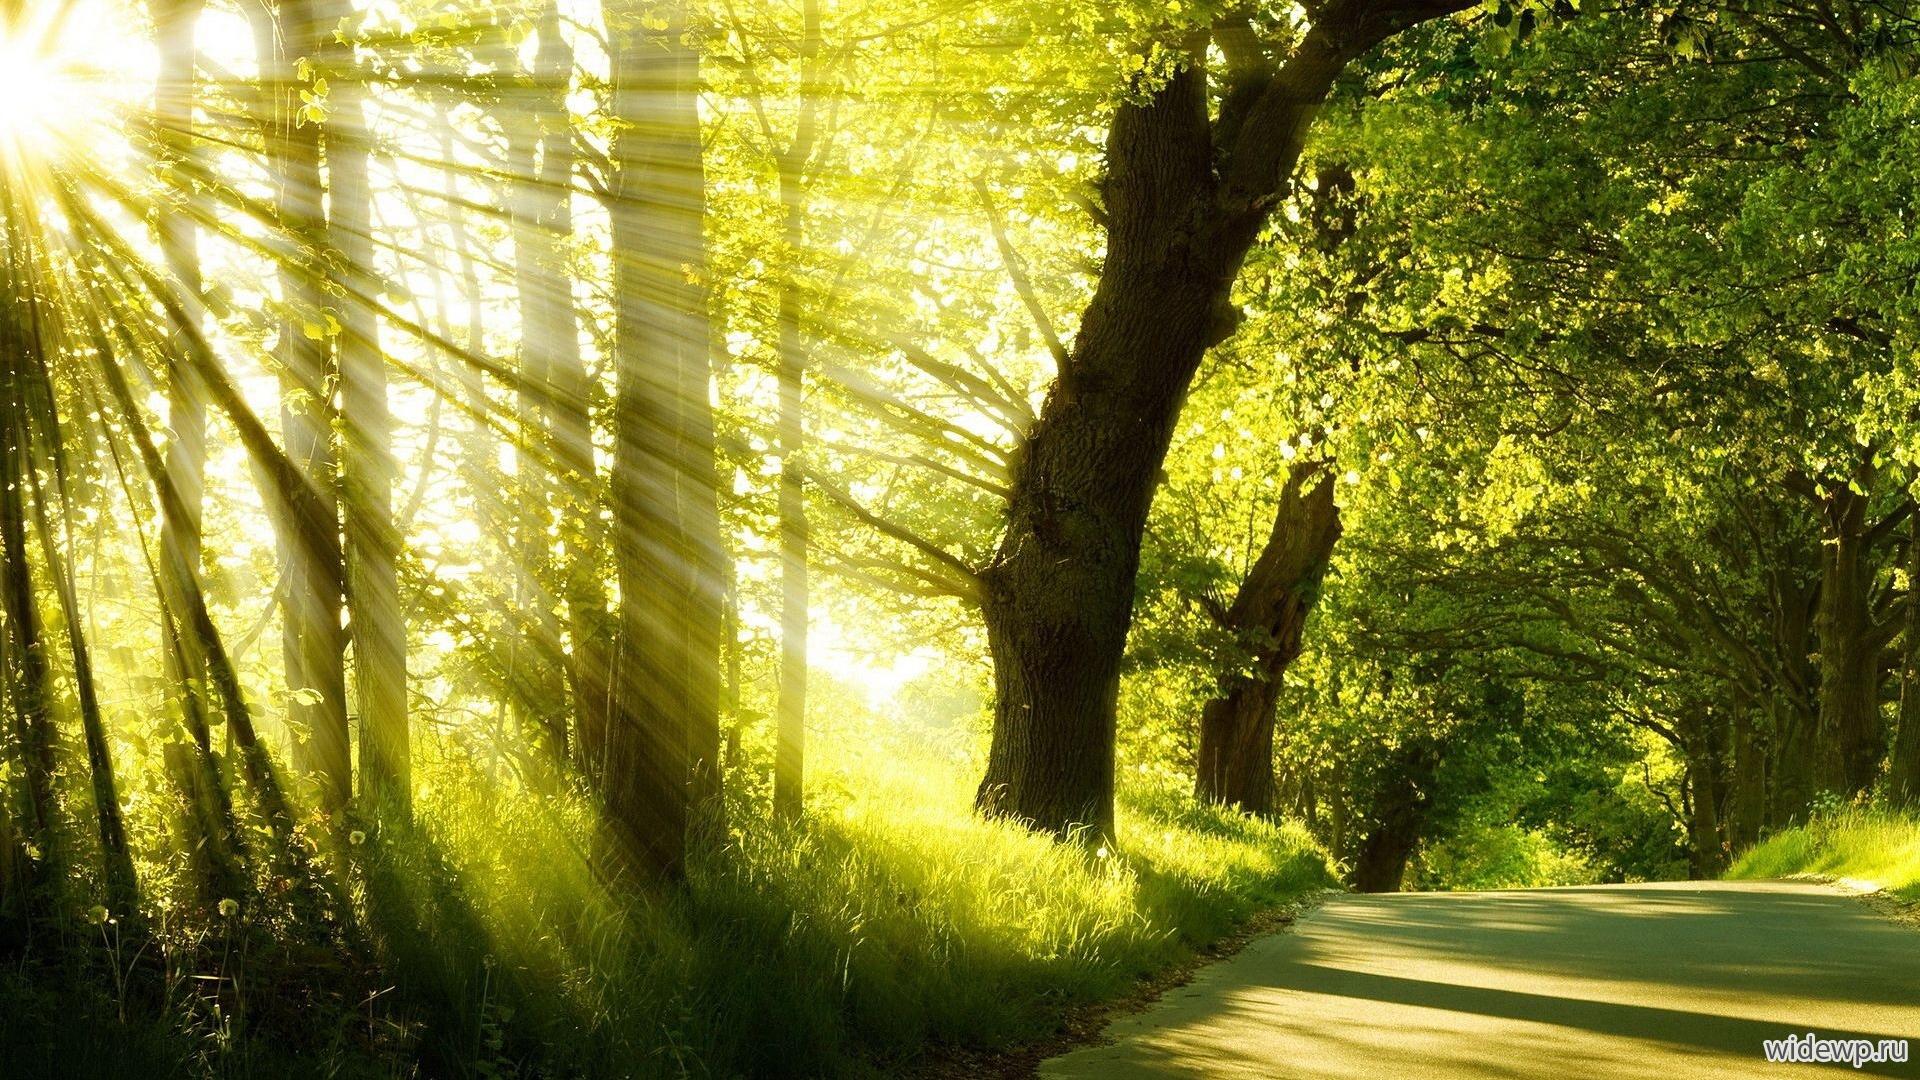 Картинки по запросу картинки восход солнца в лесу